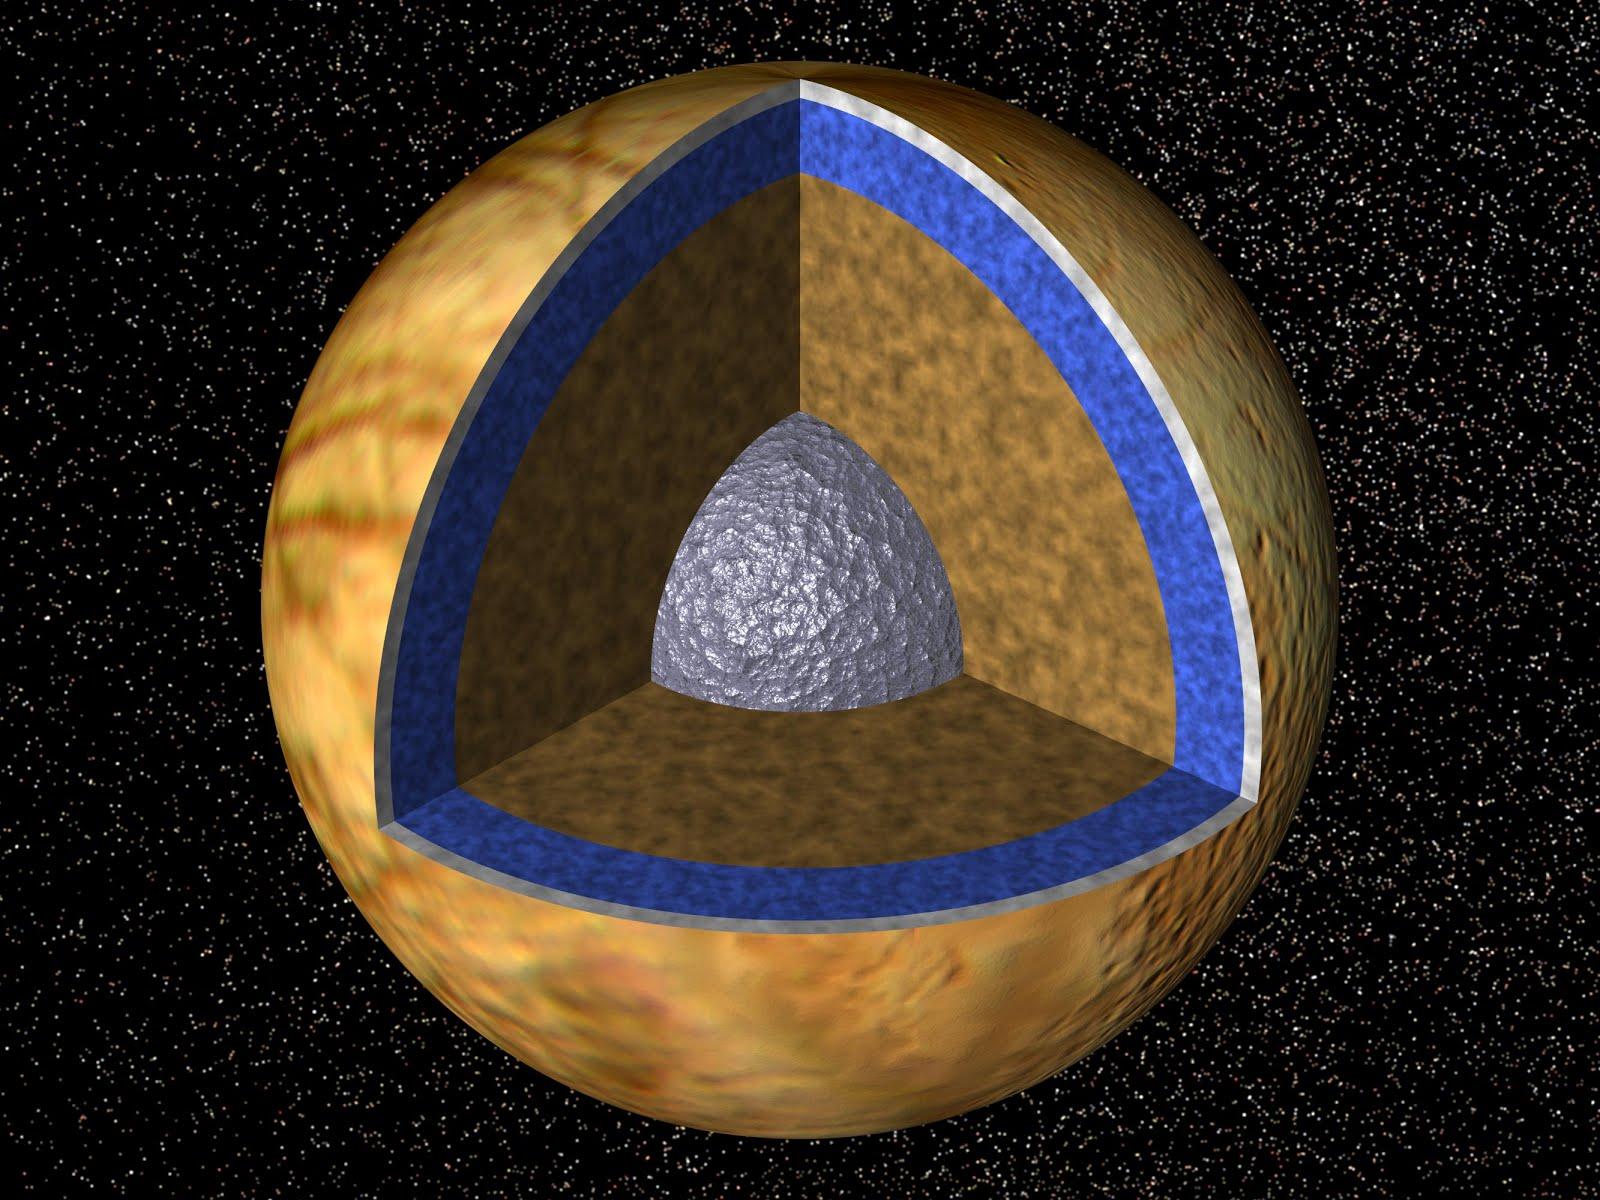 Immagine NASA che rappresenta la sezione del satellite Europa